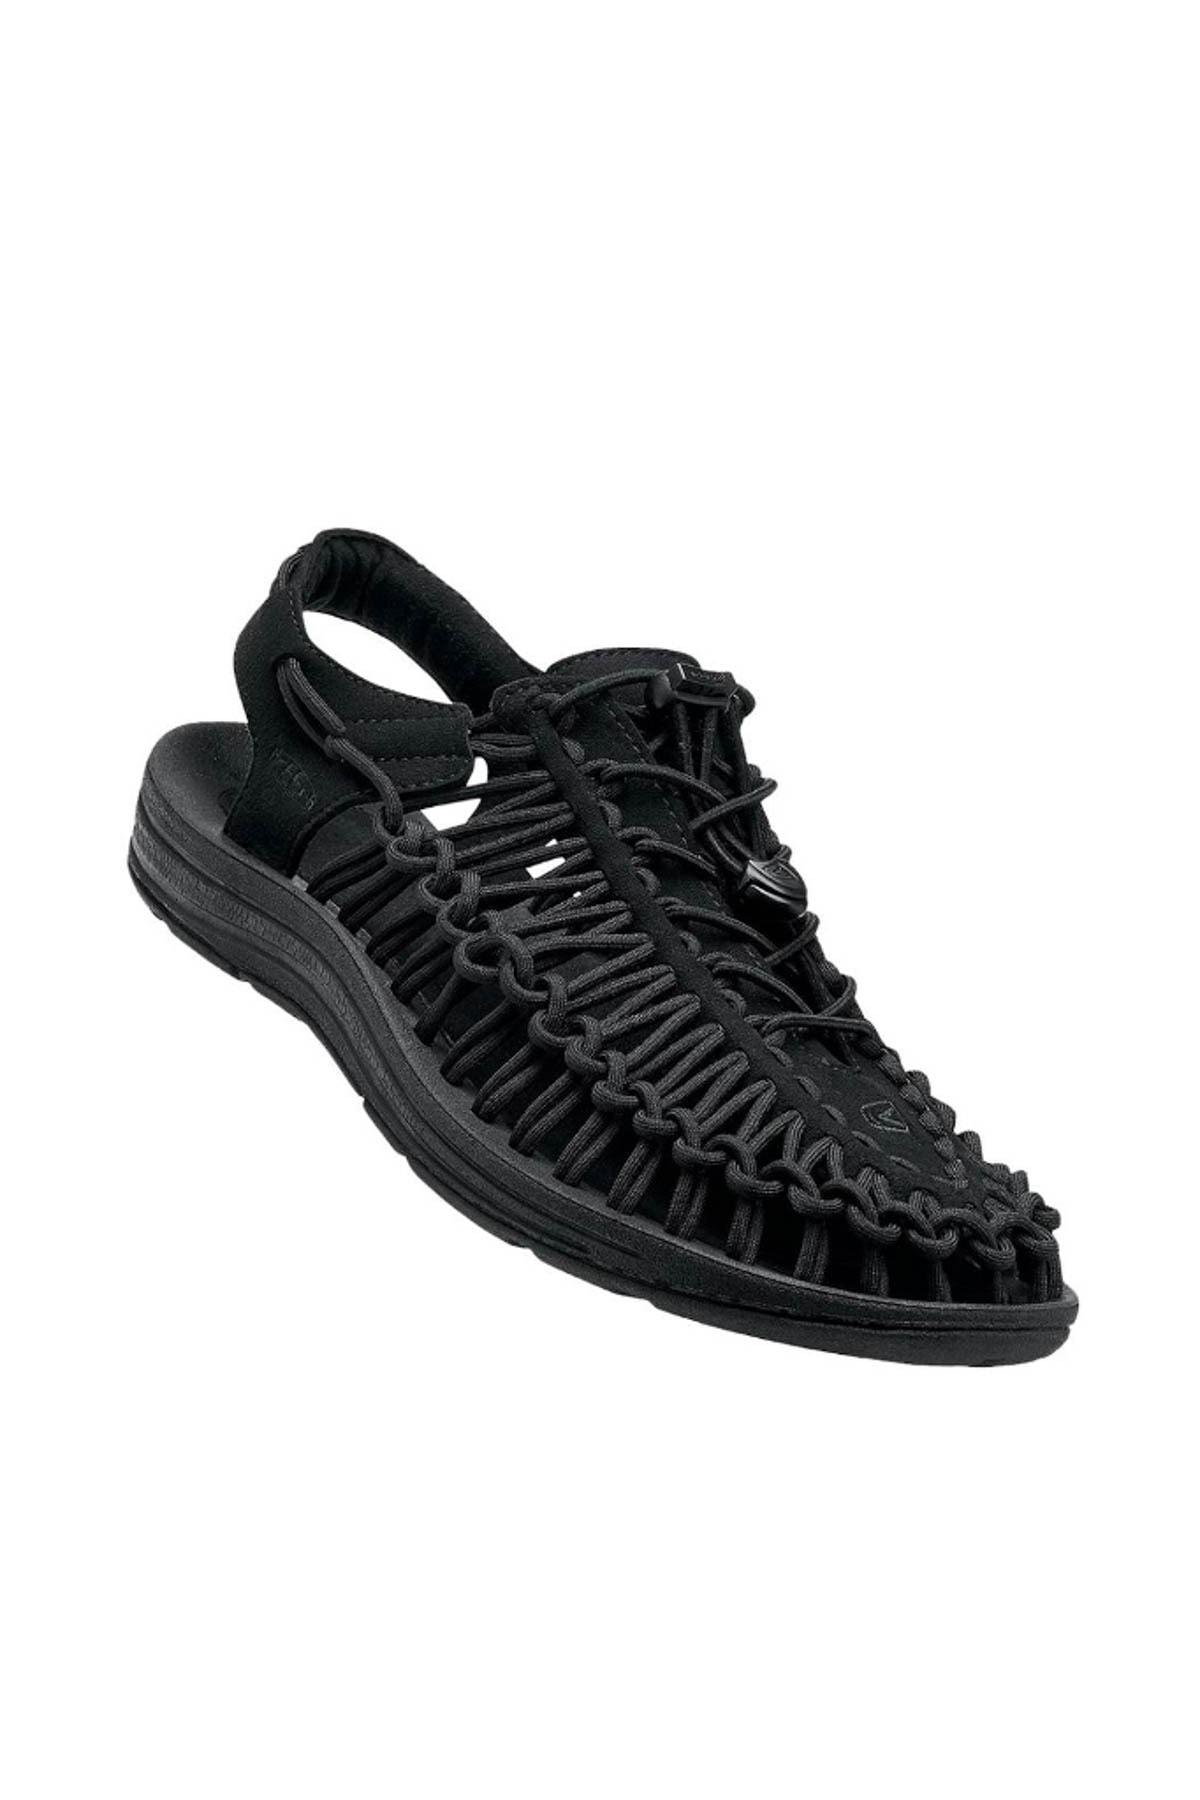 Keen Uneek Erkek Sandalet Siyah 2